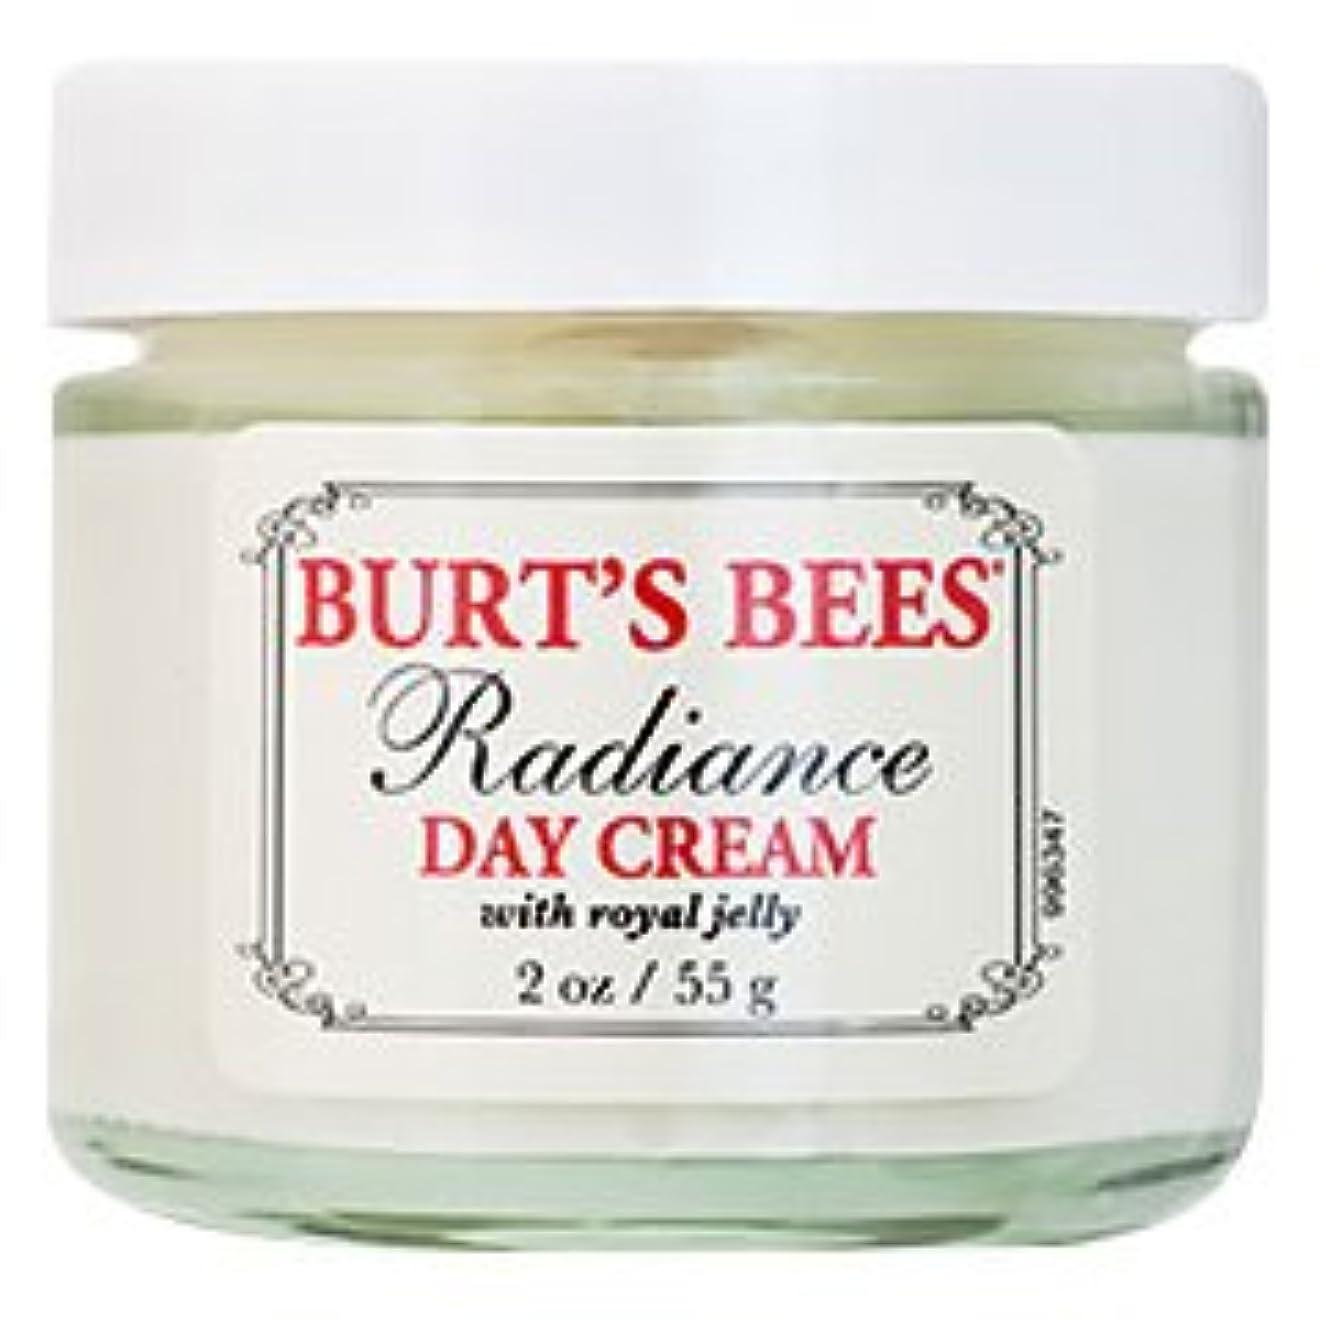 ダイヤモンド出発最適バーツビーズ(Burt's Bees) ラディアンス デイクリーム(ロイヤルジェリー) 55g [海外直送品][並行輸入品]